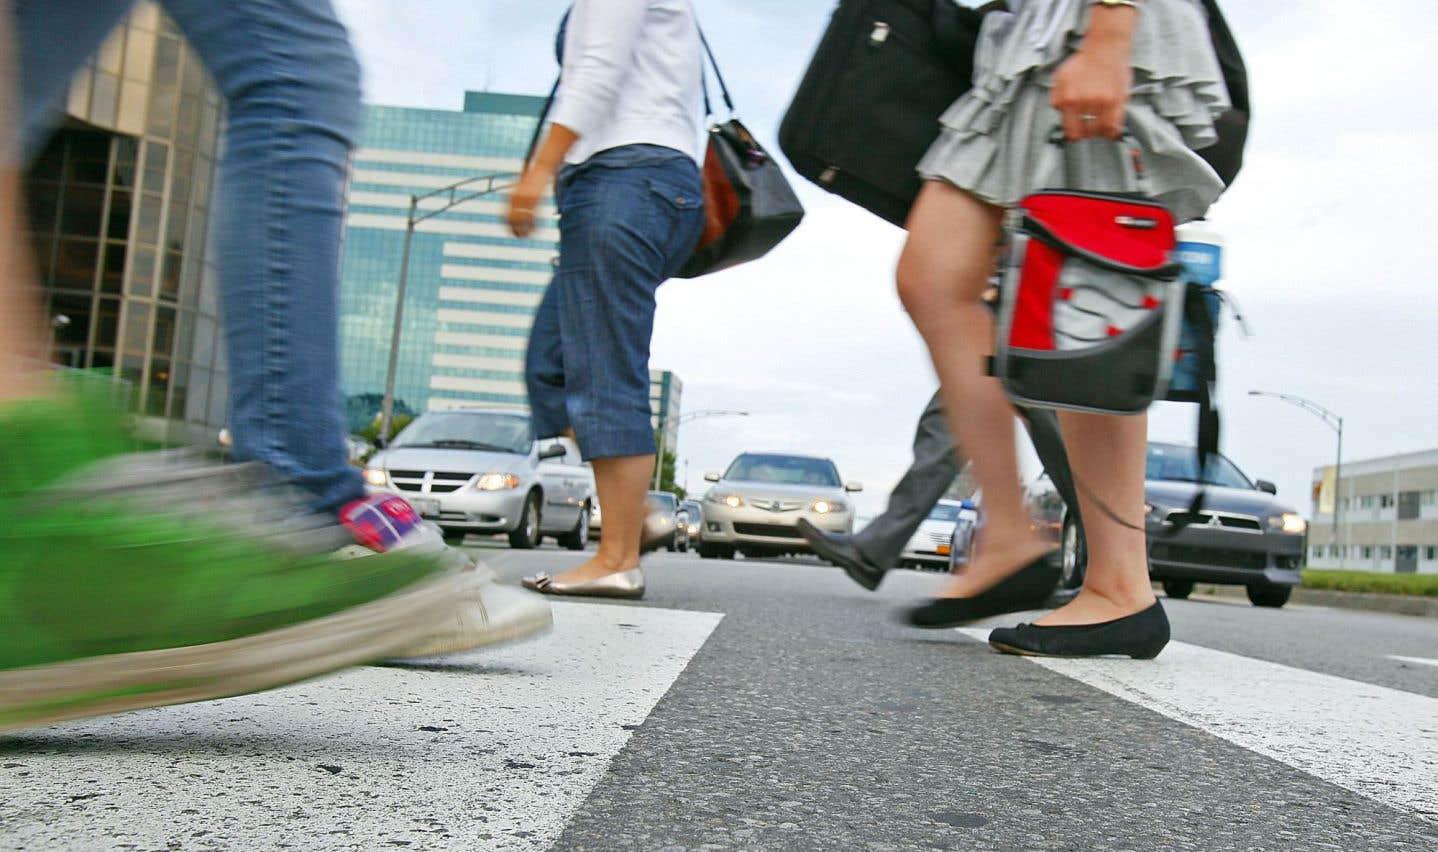 Aujourd'hui, à l'échelle des grandes villes du Québec, près de 50 % des déplacements de moins d'un kilomètre, soit dix minutes environ, sont accomplis en véhicule motorisé.